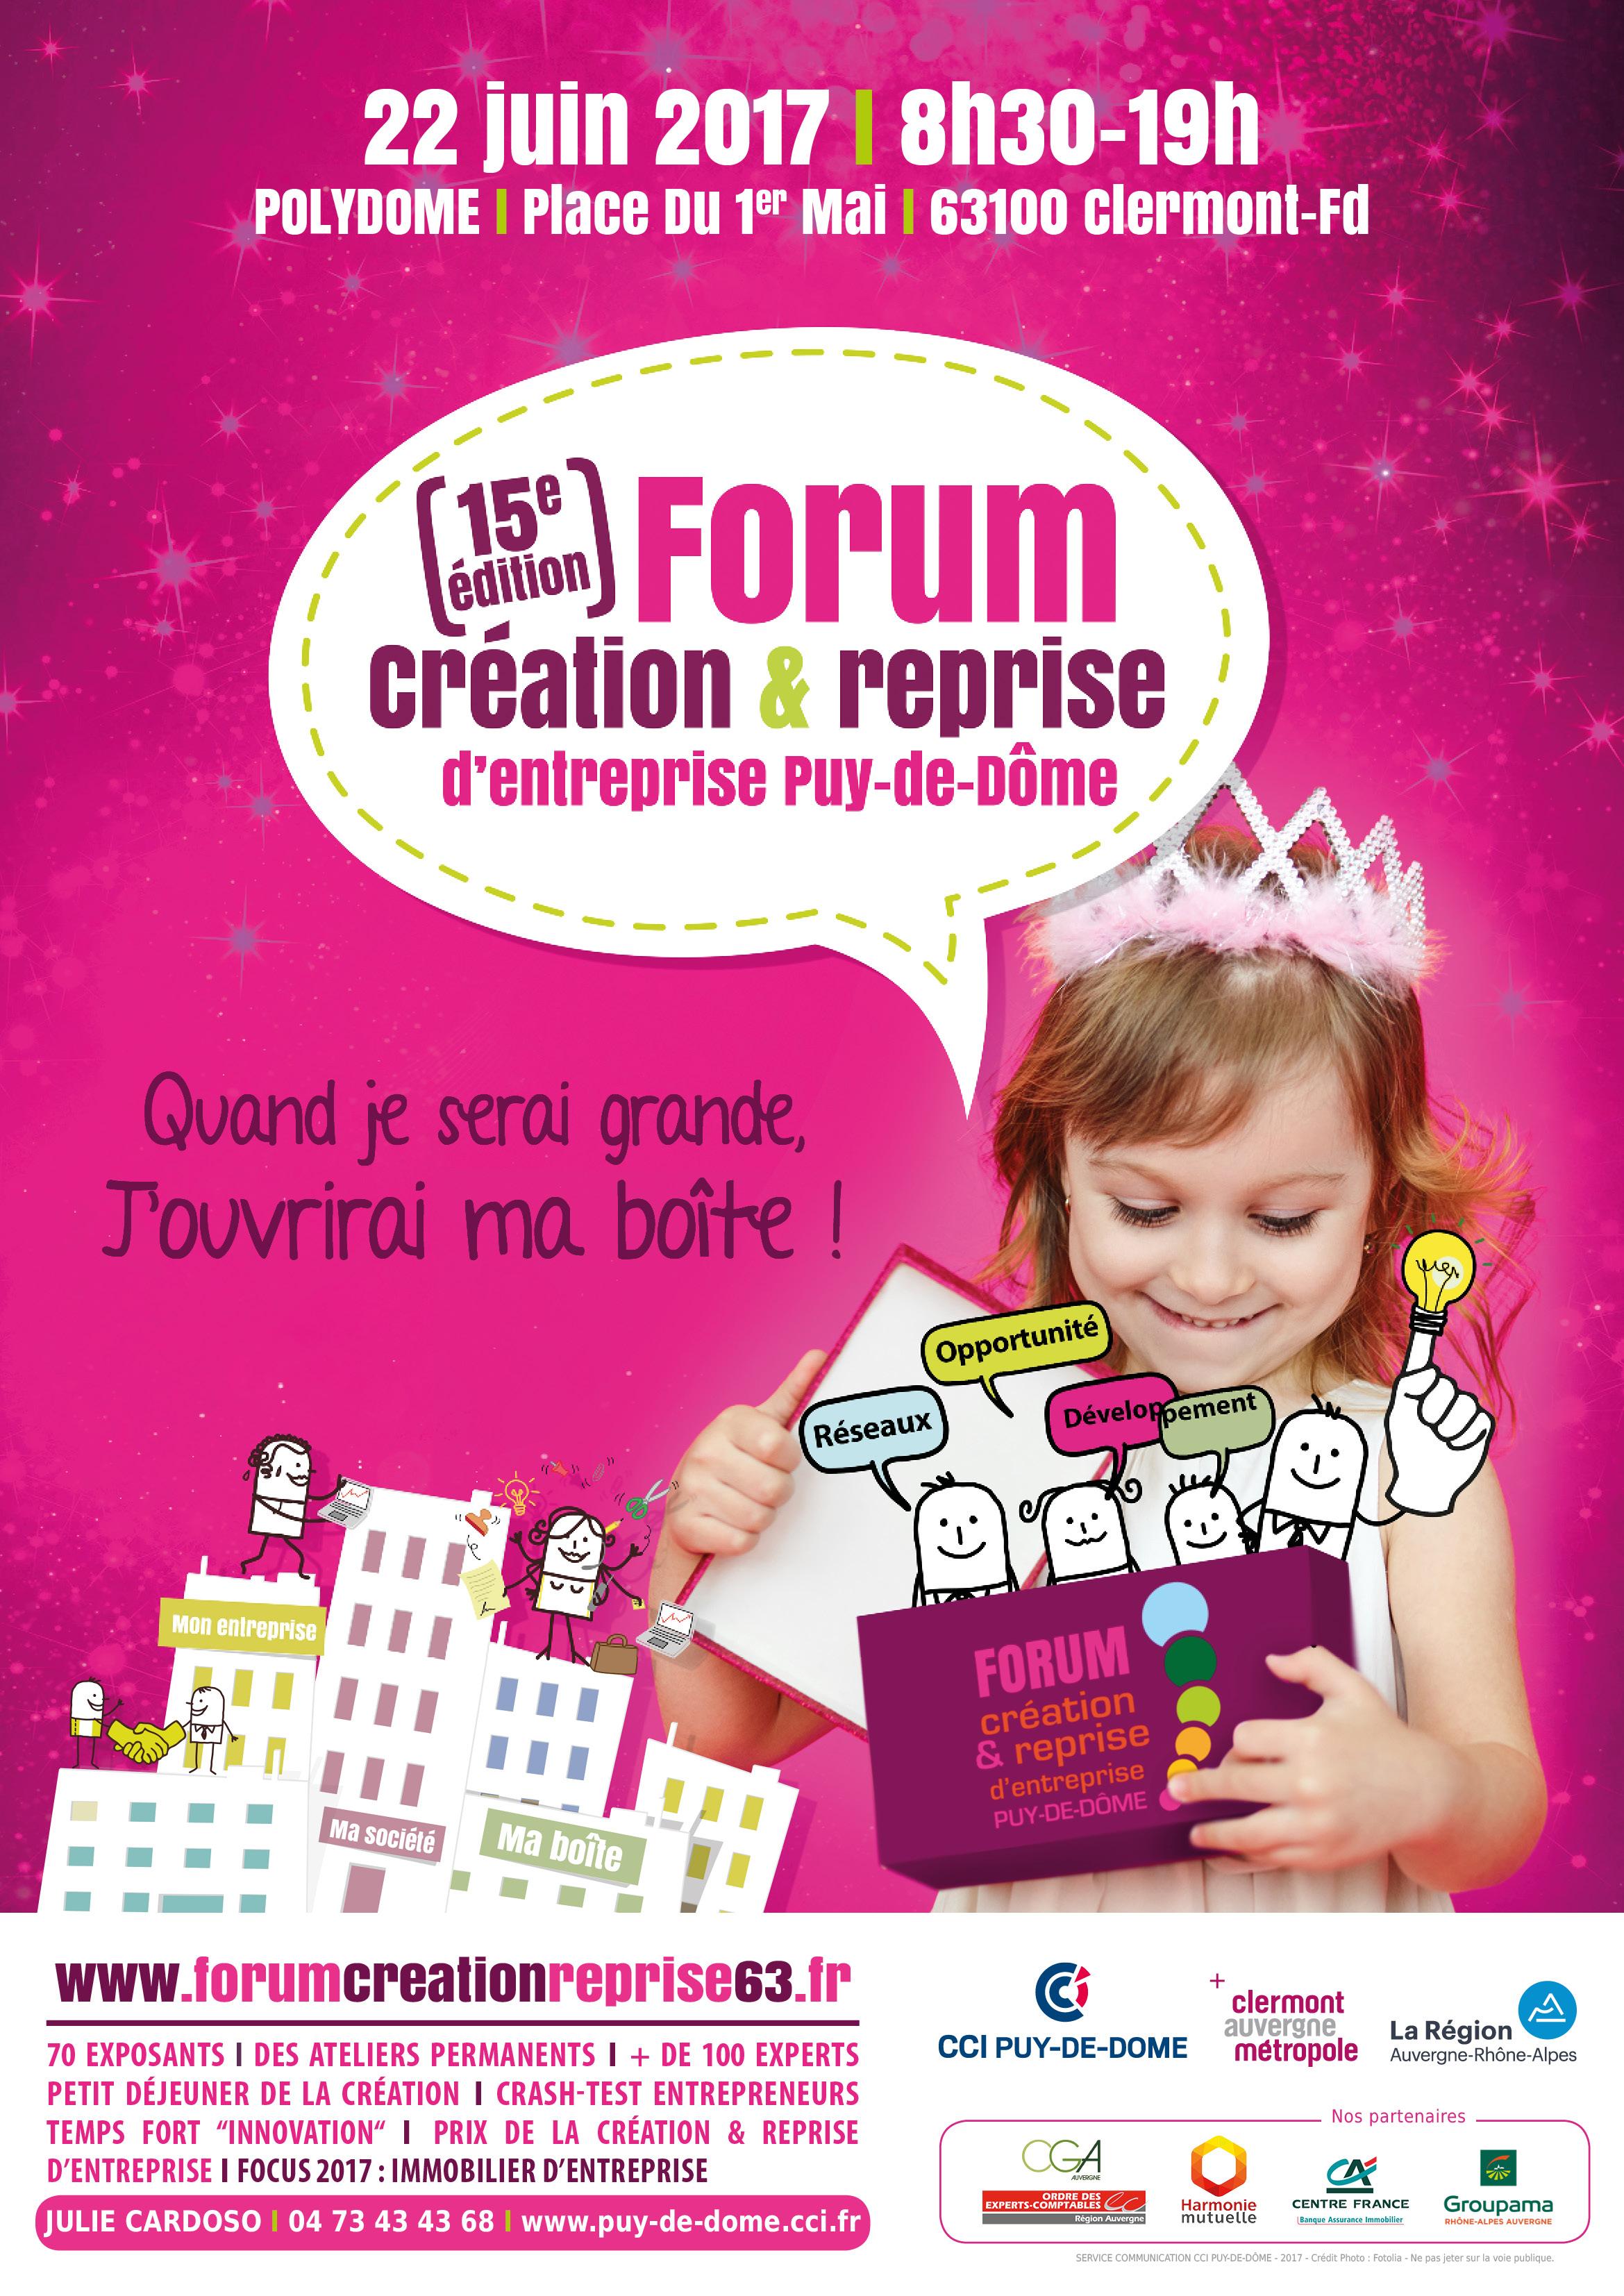 Forum Création & Reprise d'entreprise, le 22 juin 2017 à Clermont-Ferrand